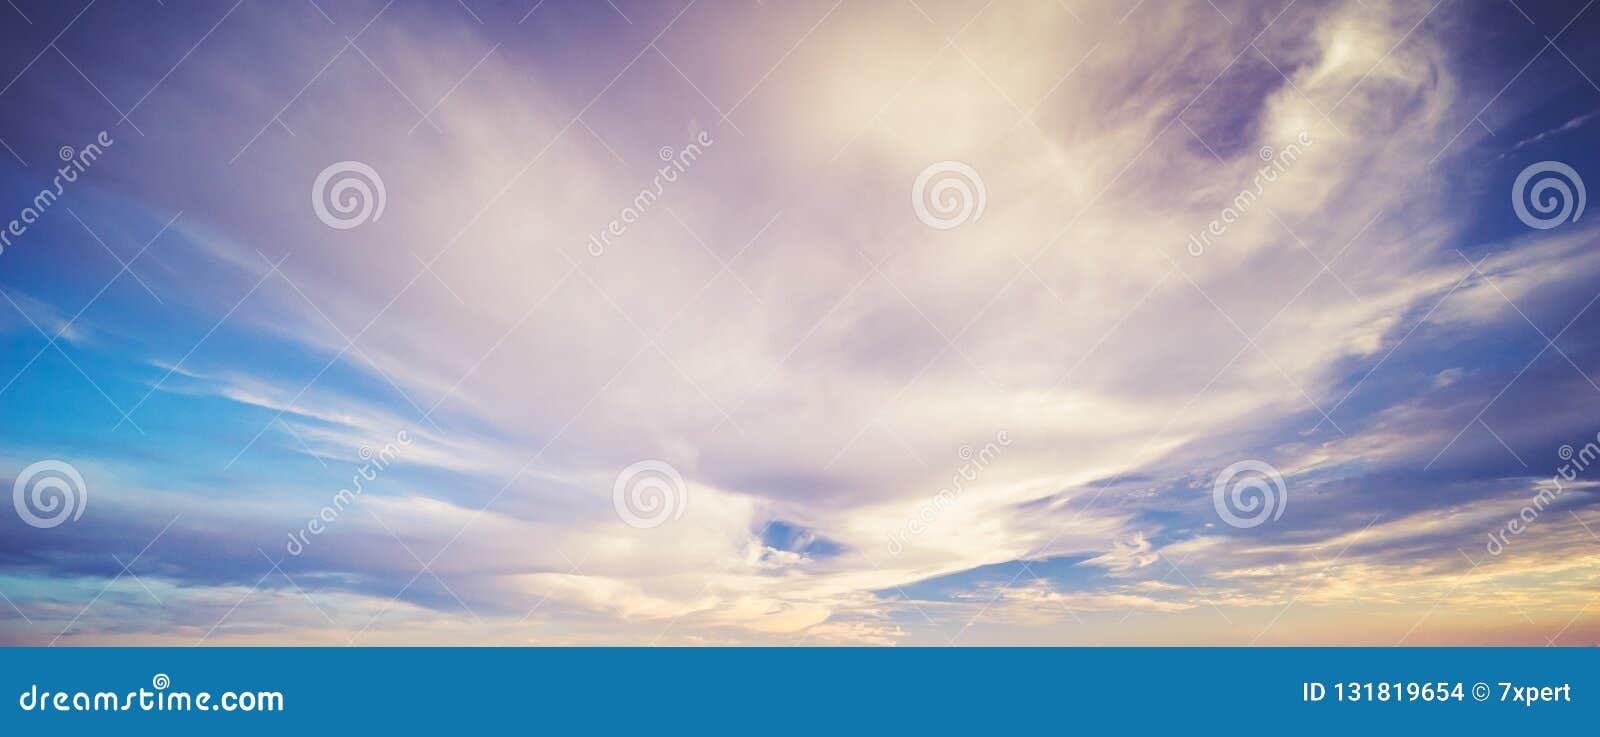 Nuvens do céu do verão